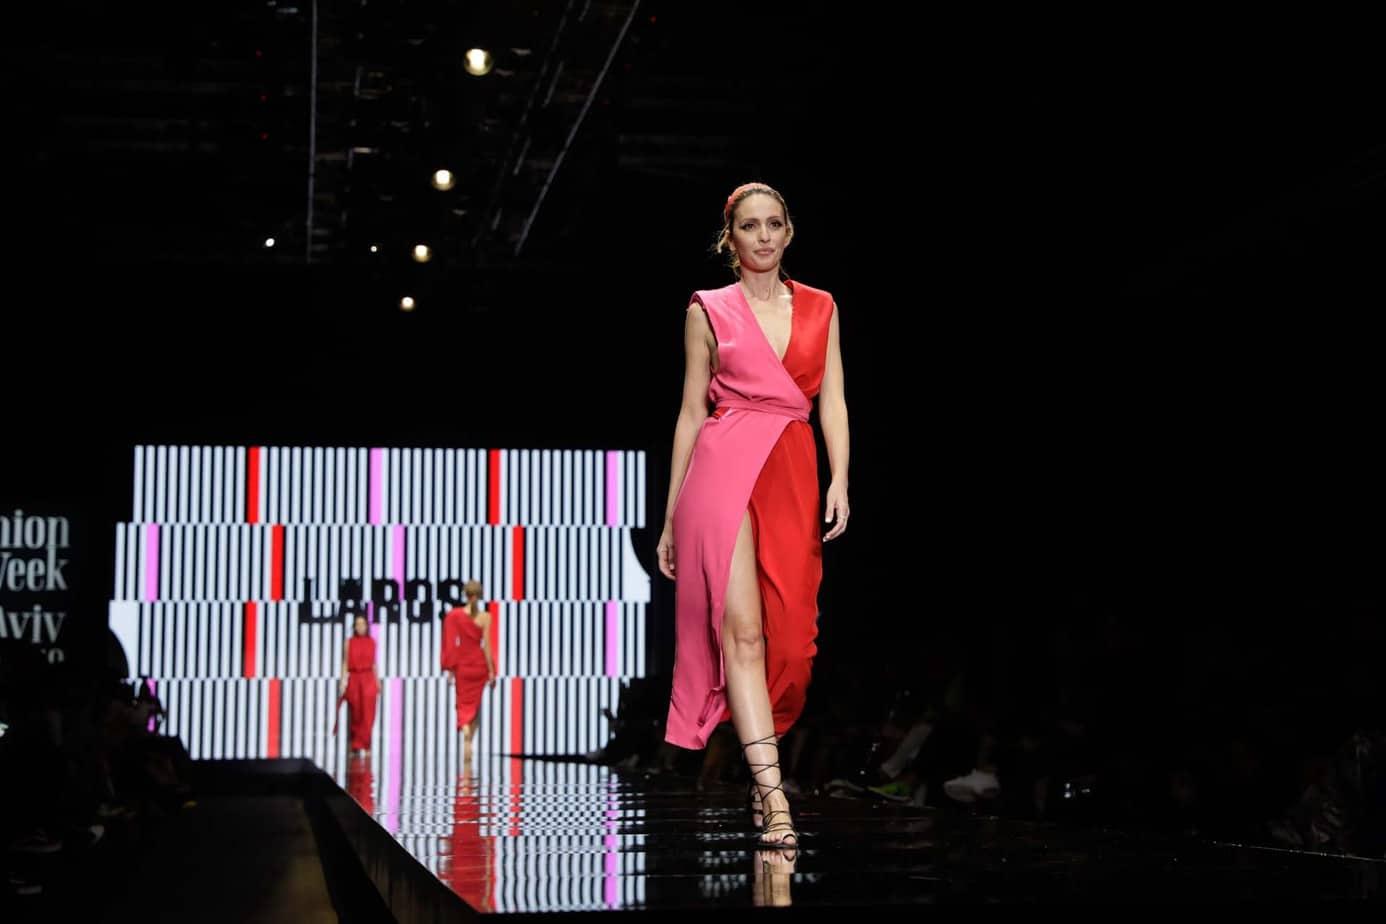 מלי לוי, קולקציה עידן לרוס, תצוגת אופנה עידן לרוס שבוע האופנה תל אביב 2019, צילום עומר קפלן - 6